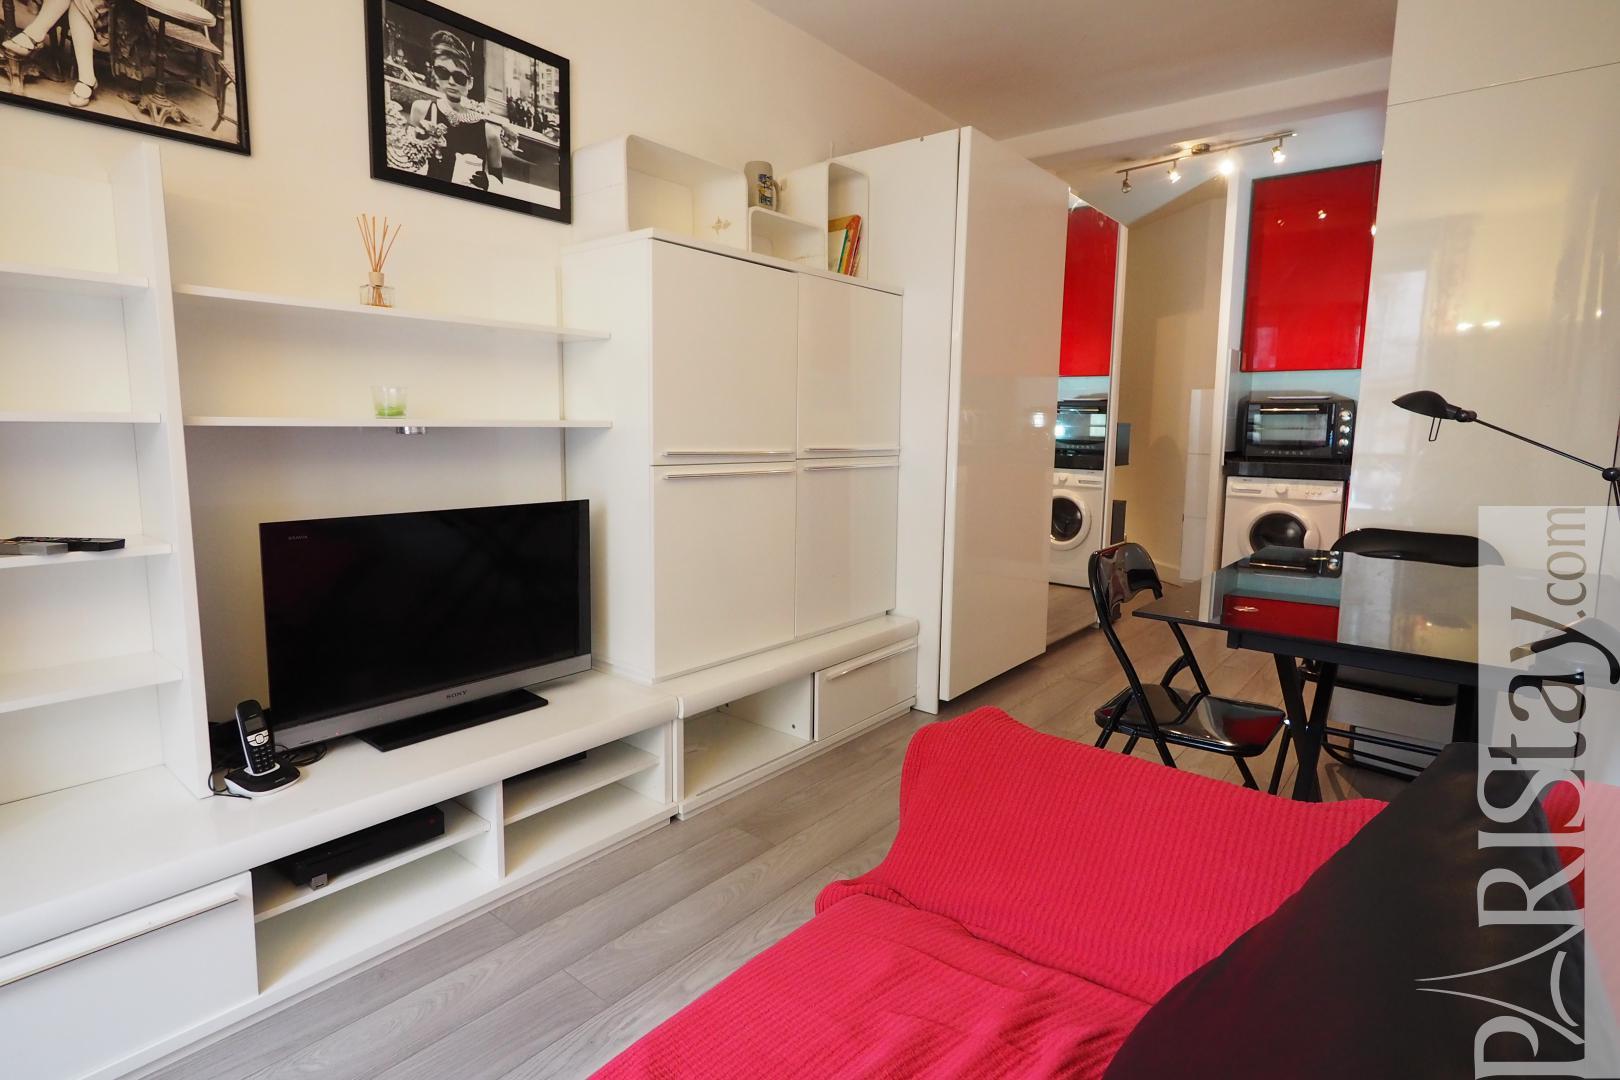 location appartement meuble paris saint germain la sorbonne t2. Black Bedroom Furniture Sets. Home Design Ideas